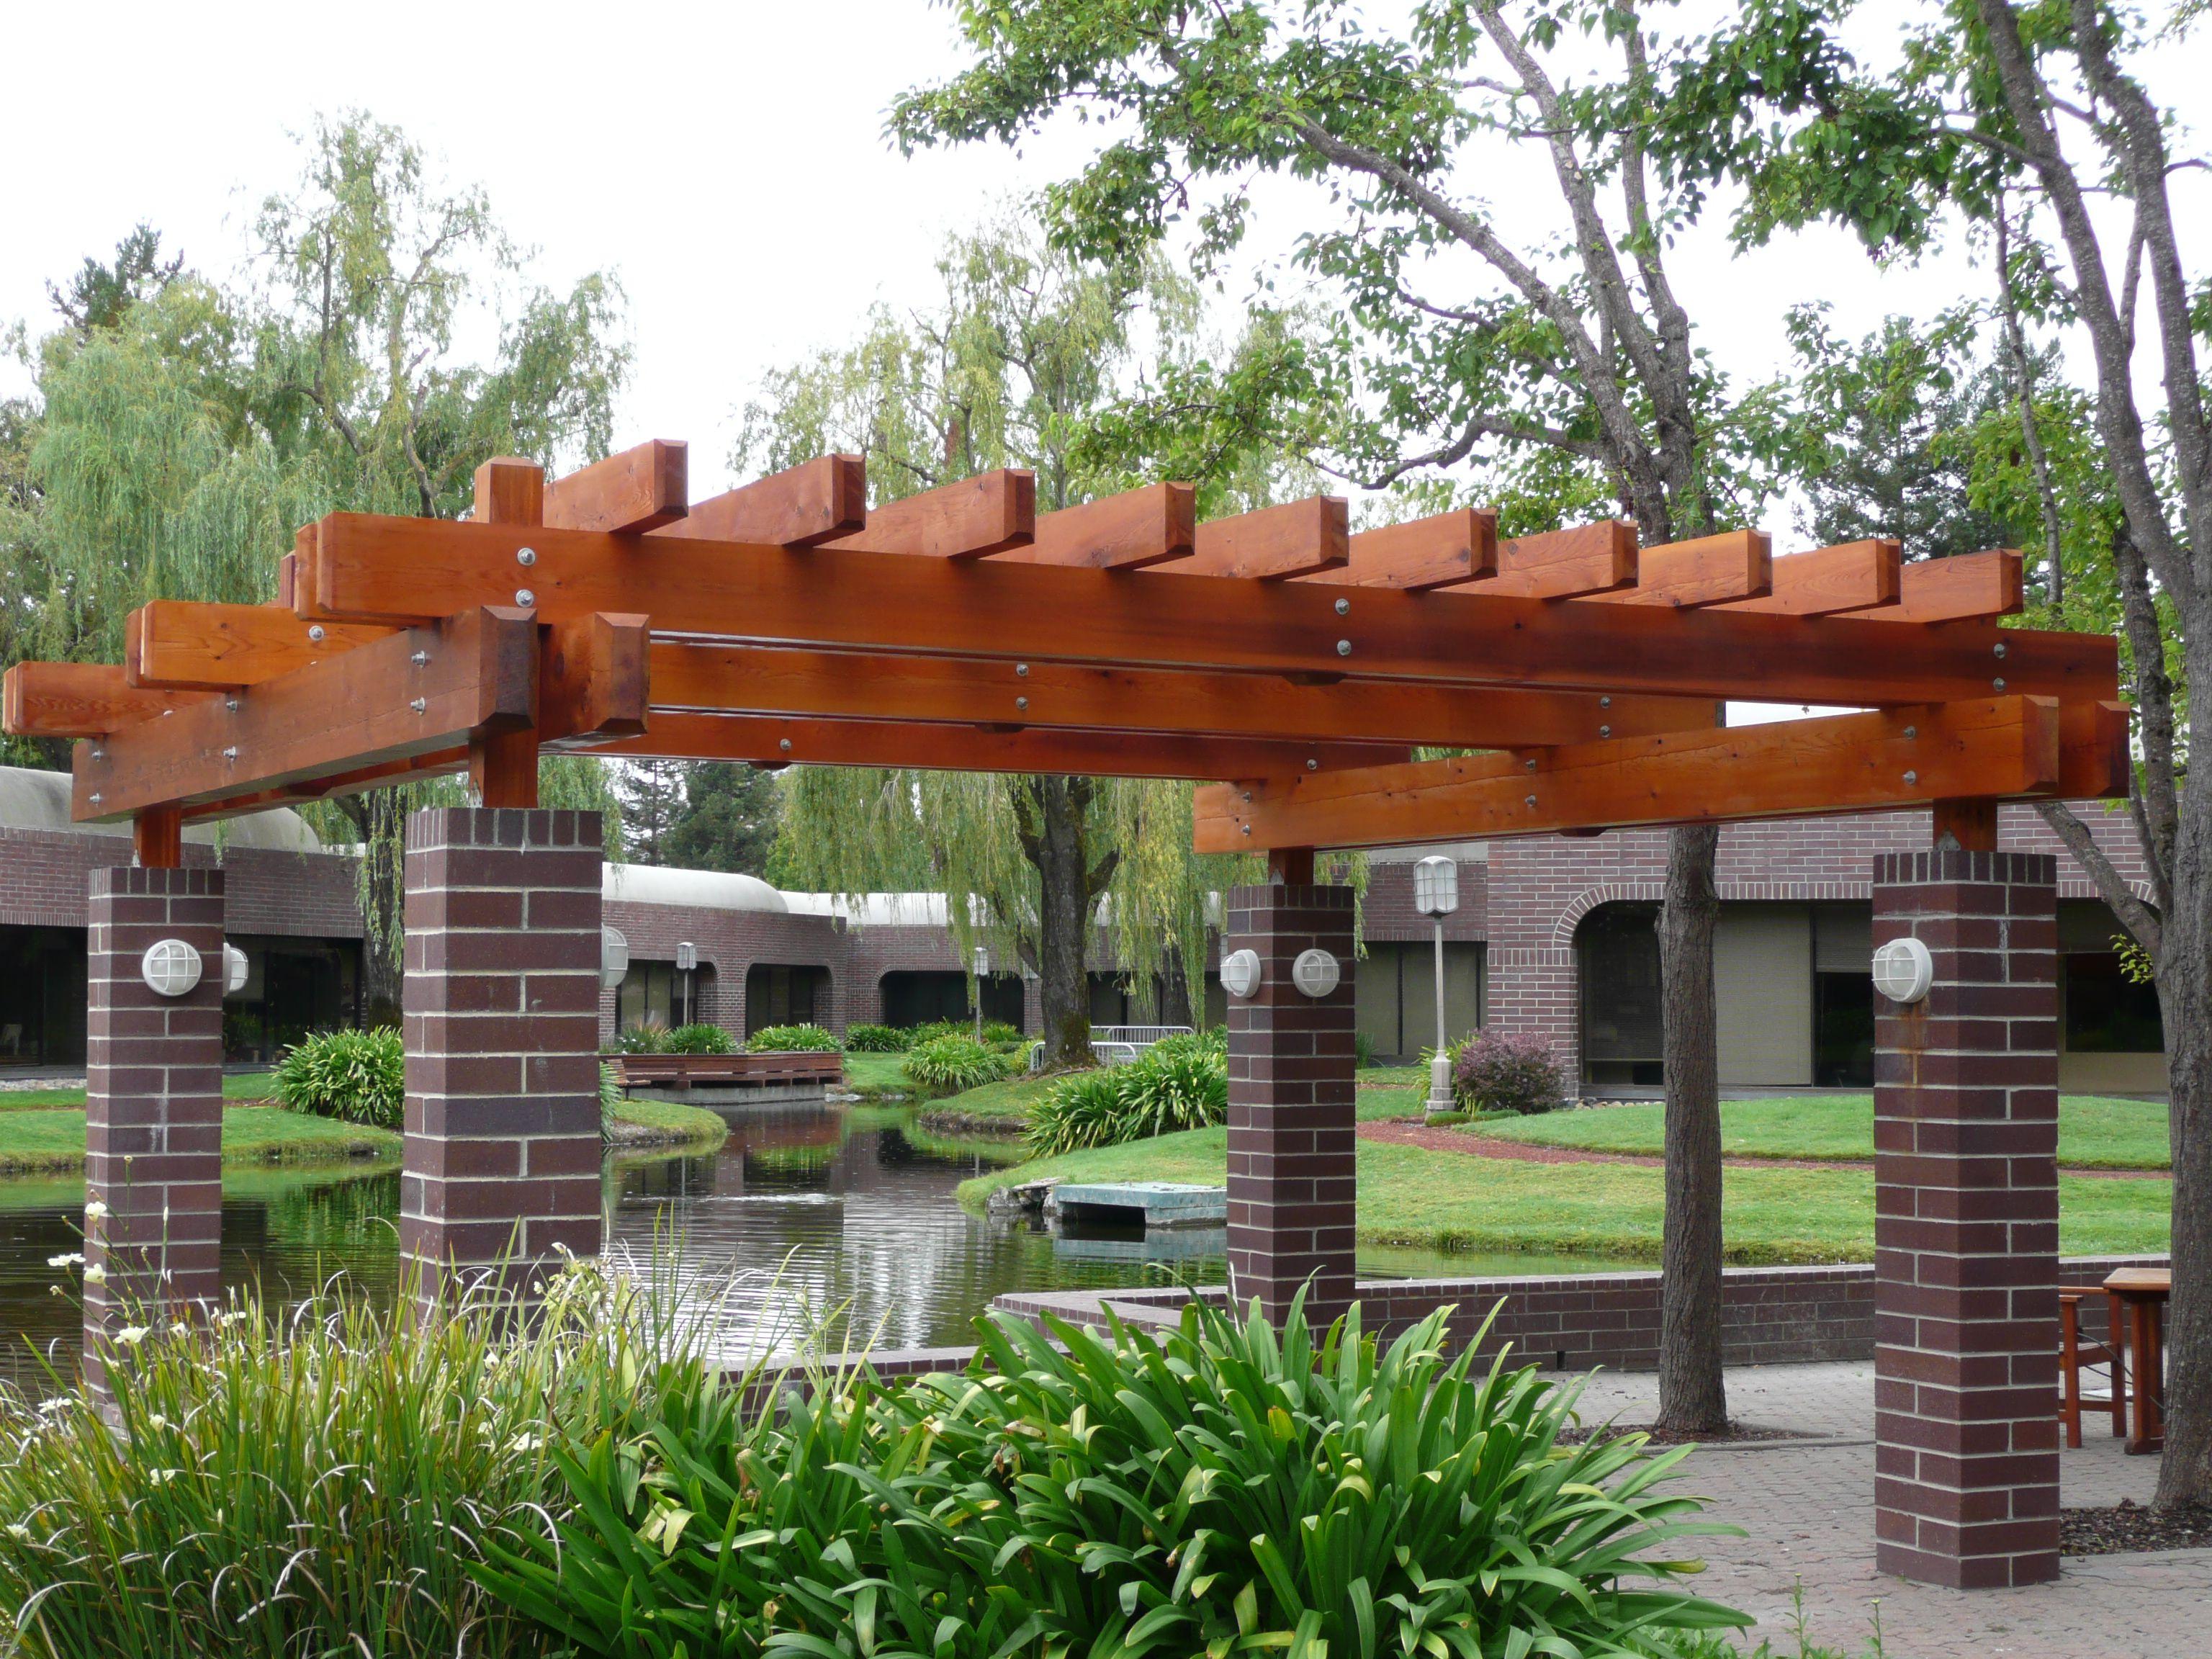 pergola decorating ideas awesome teak pergola design Brick Pergola Designs id=92286